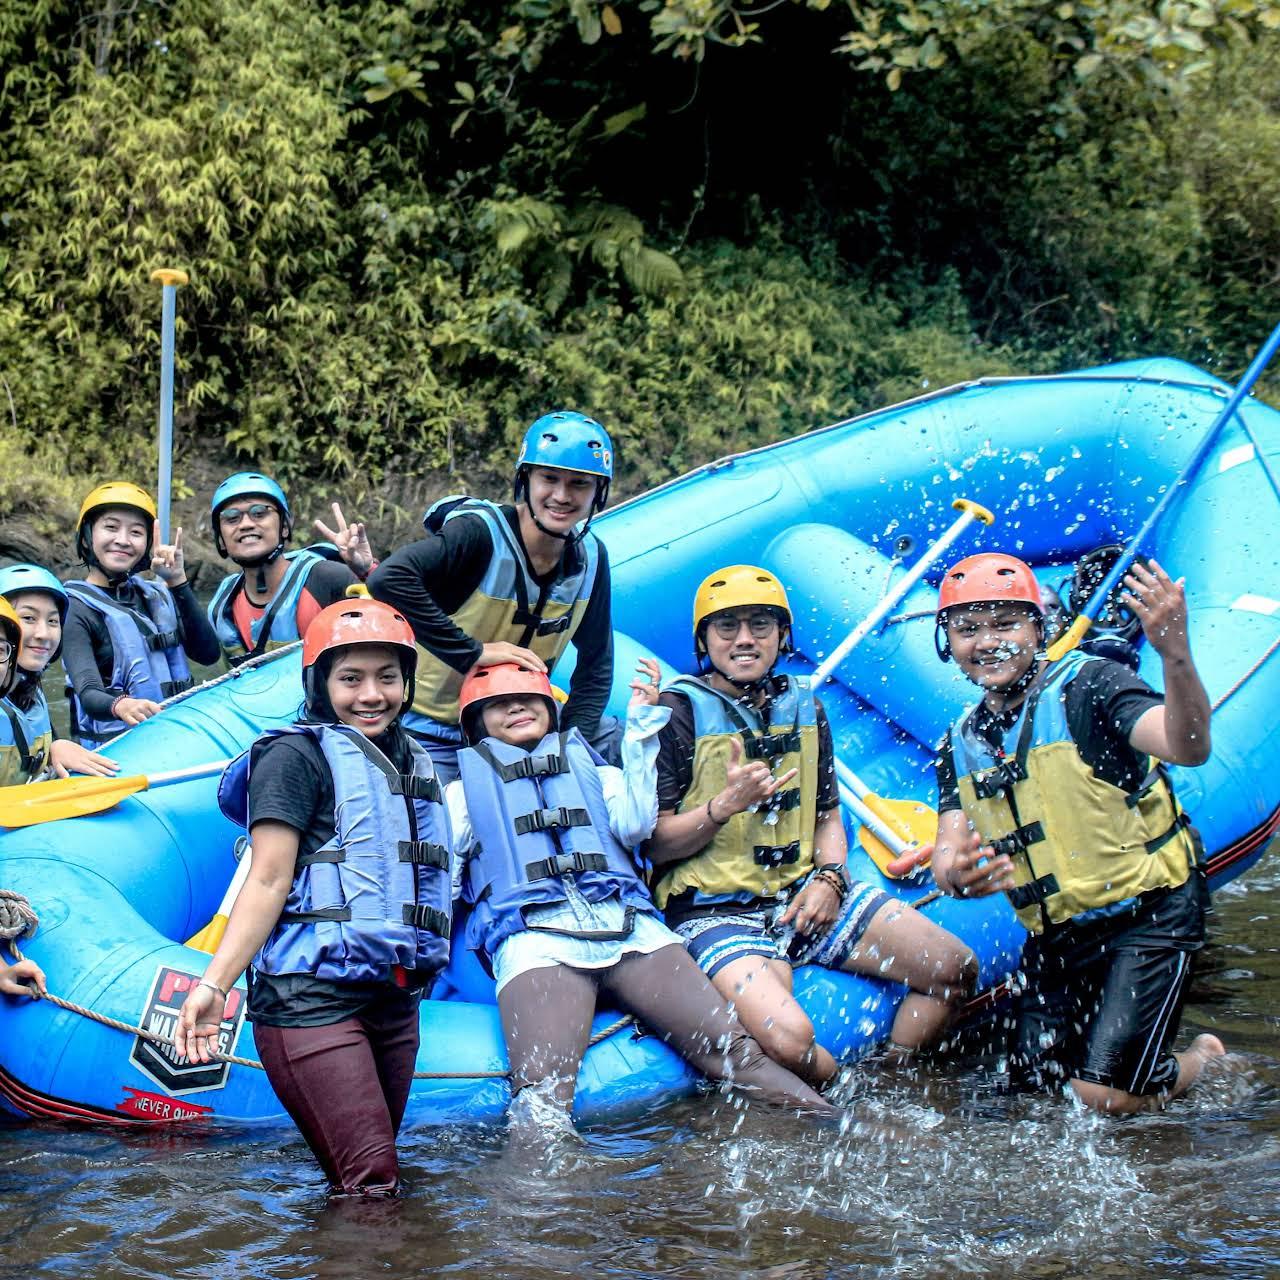 Base Camp Rainbow Rafting Pemalang Wahana Air Arung Jeram Yangmenguji Adrenaline Anda Bersama Kami Abadikan Momen Keseruan Dan Kebahagiaan Bareng Keluarga Atau Teman Teman